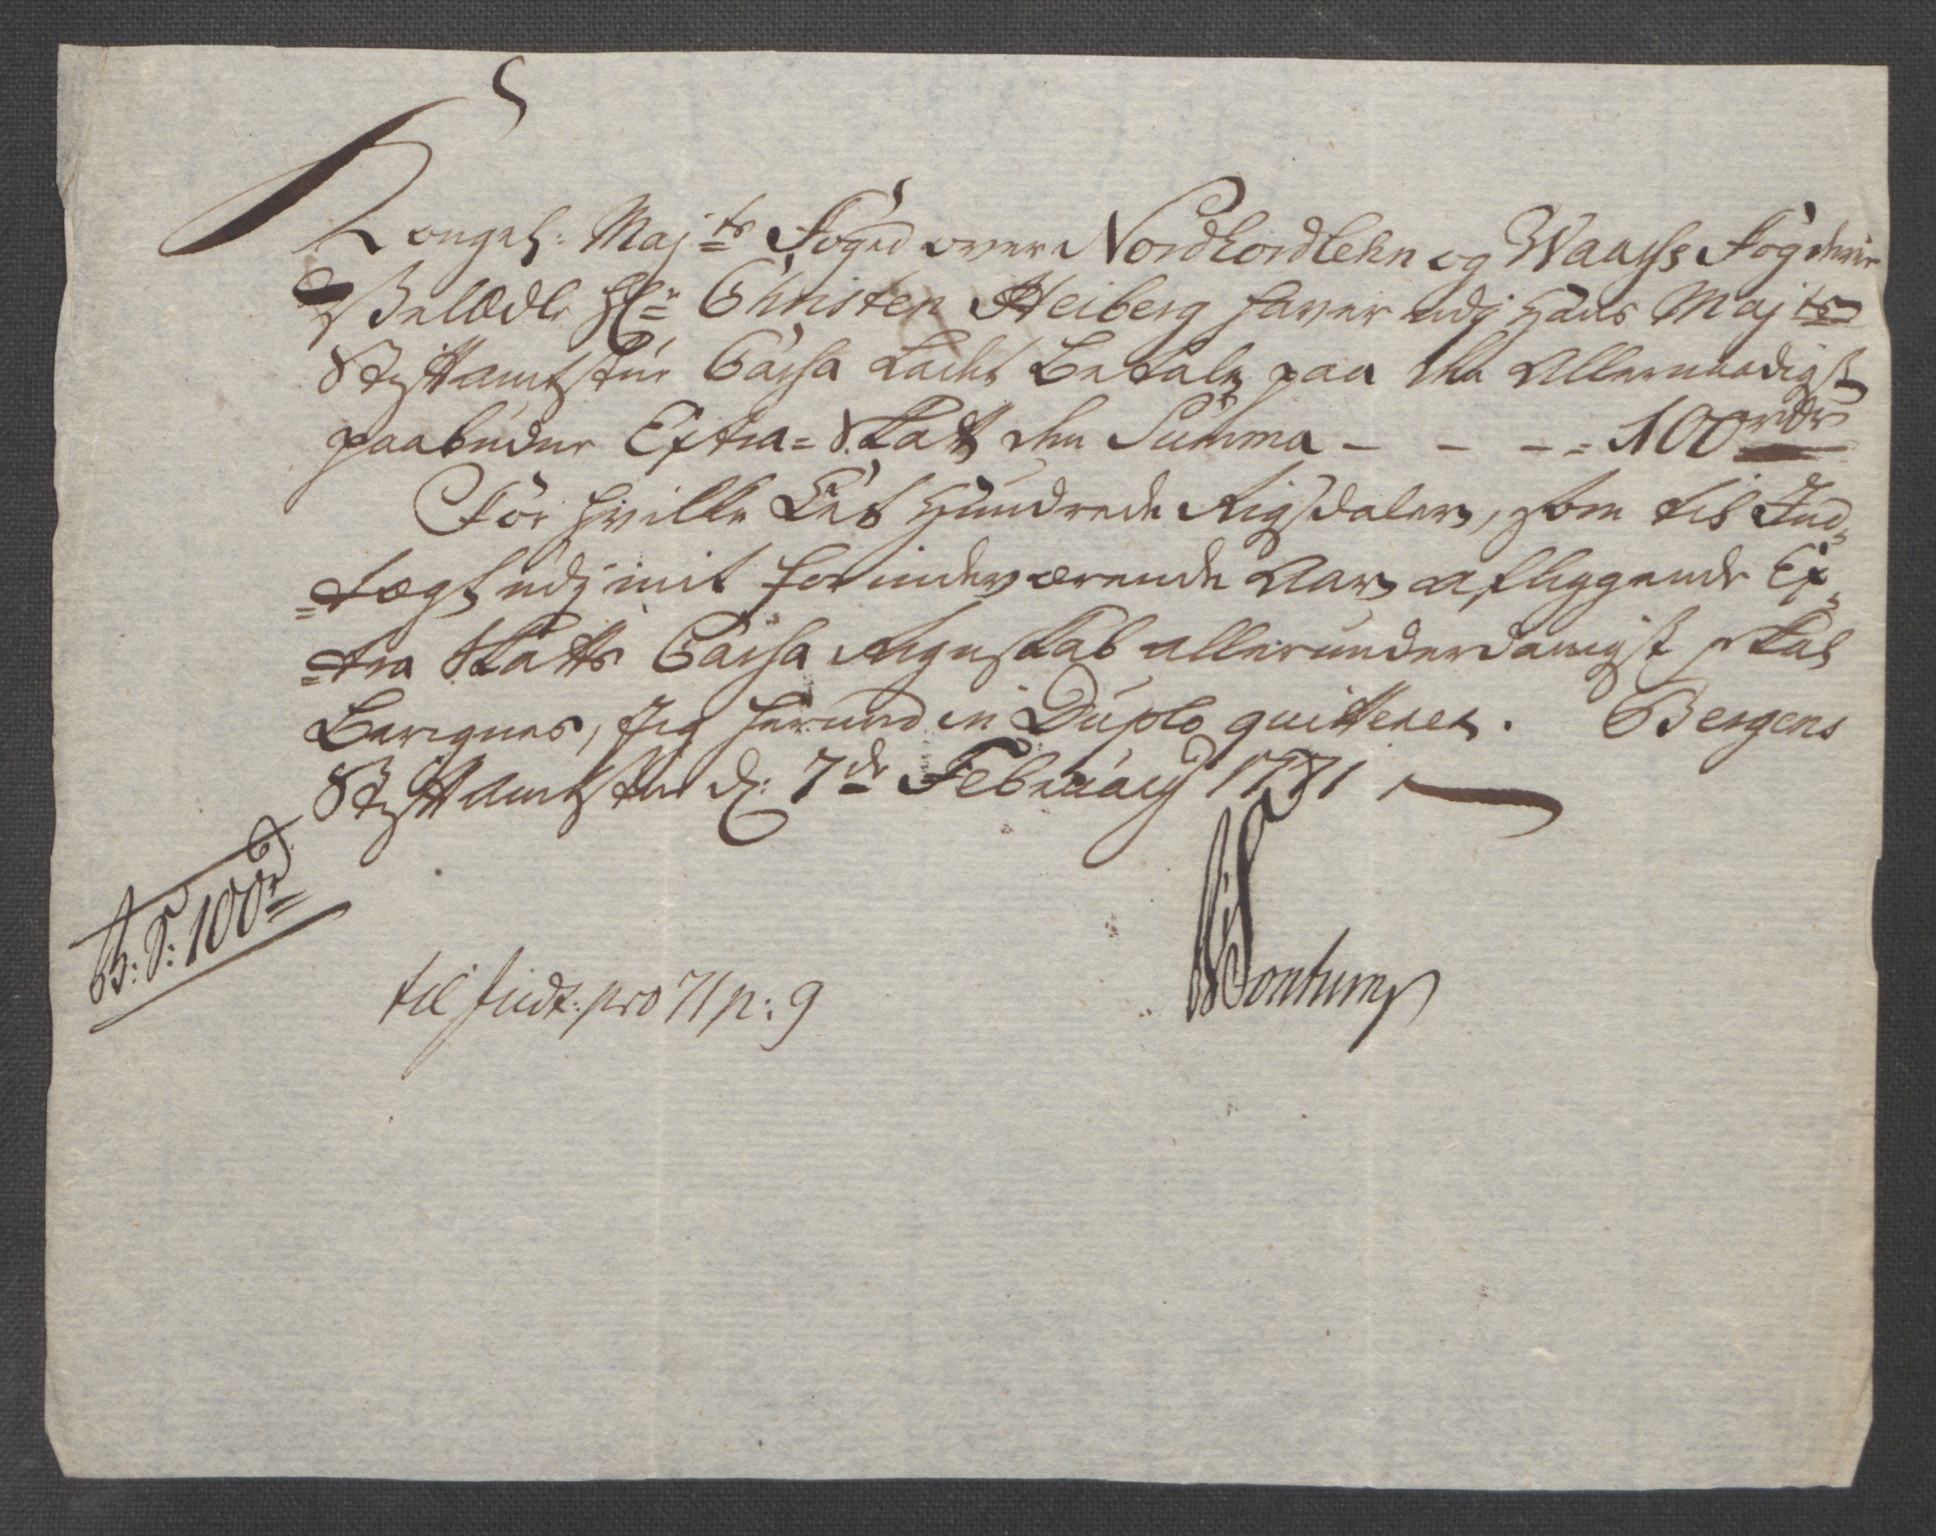 RA, Rentekammeret inntil 1814, Reviderte regnskaper, Fogderegnskap, R51/L3303: Ekstraskatten Nordhordland og Voss, 1762-1772, s. 483